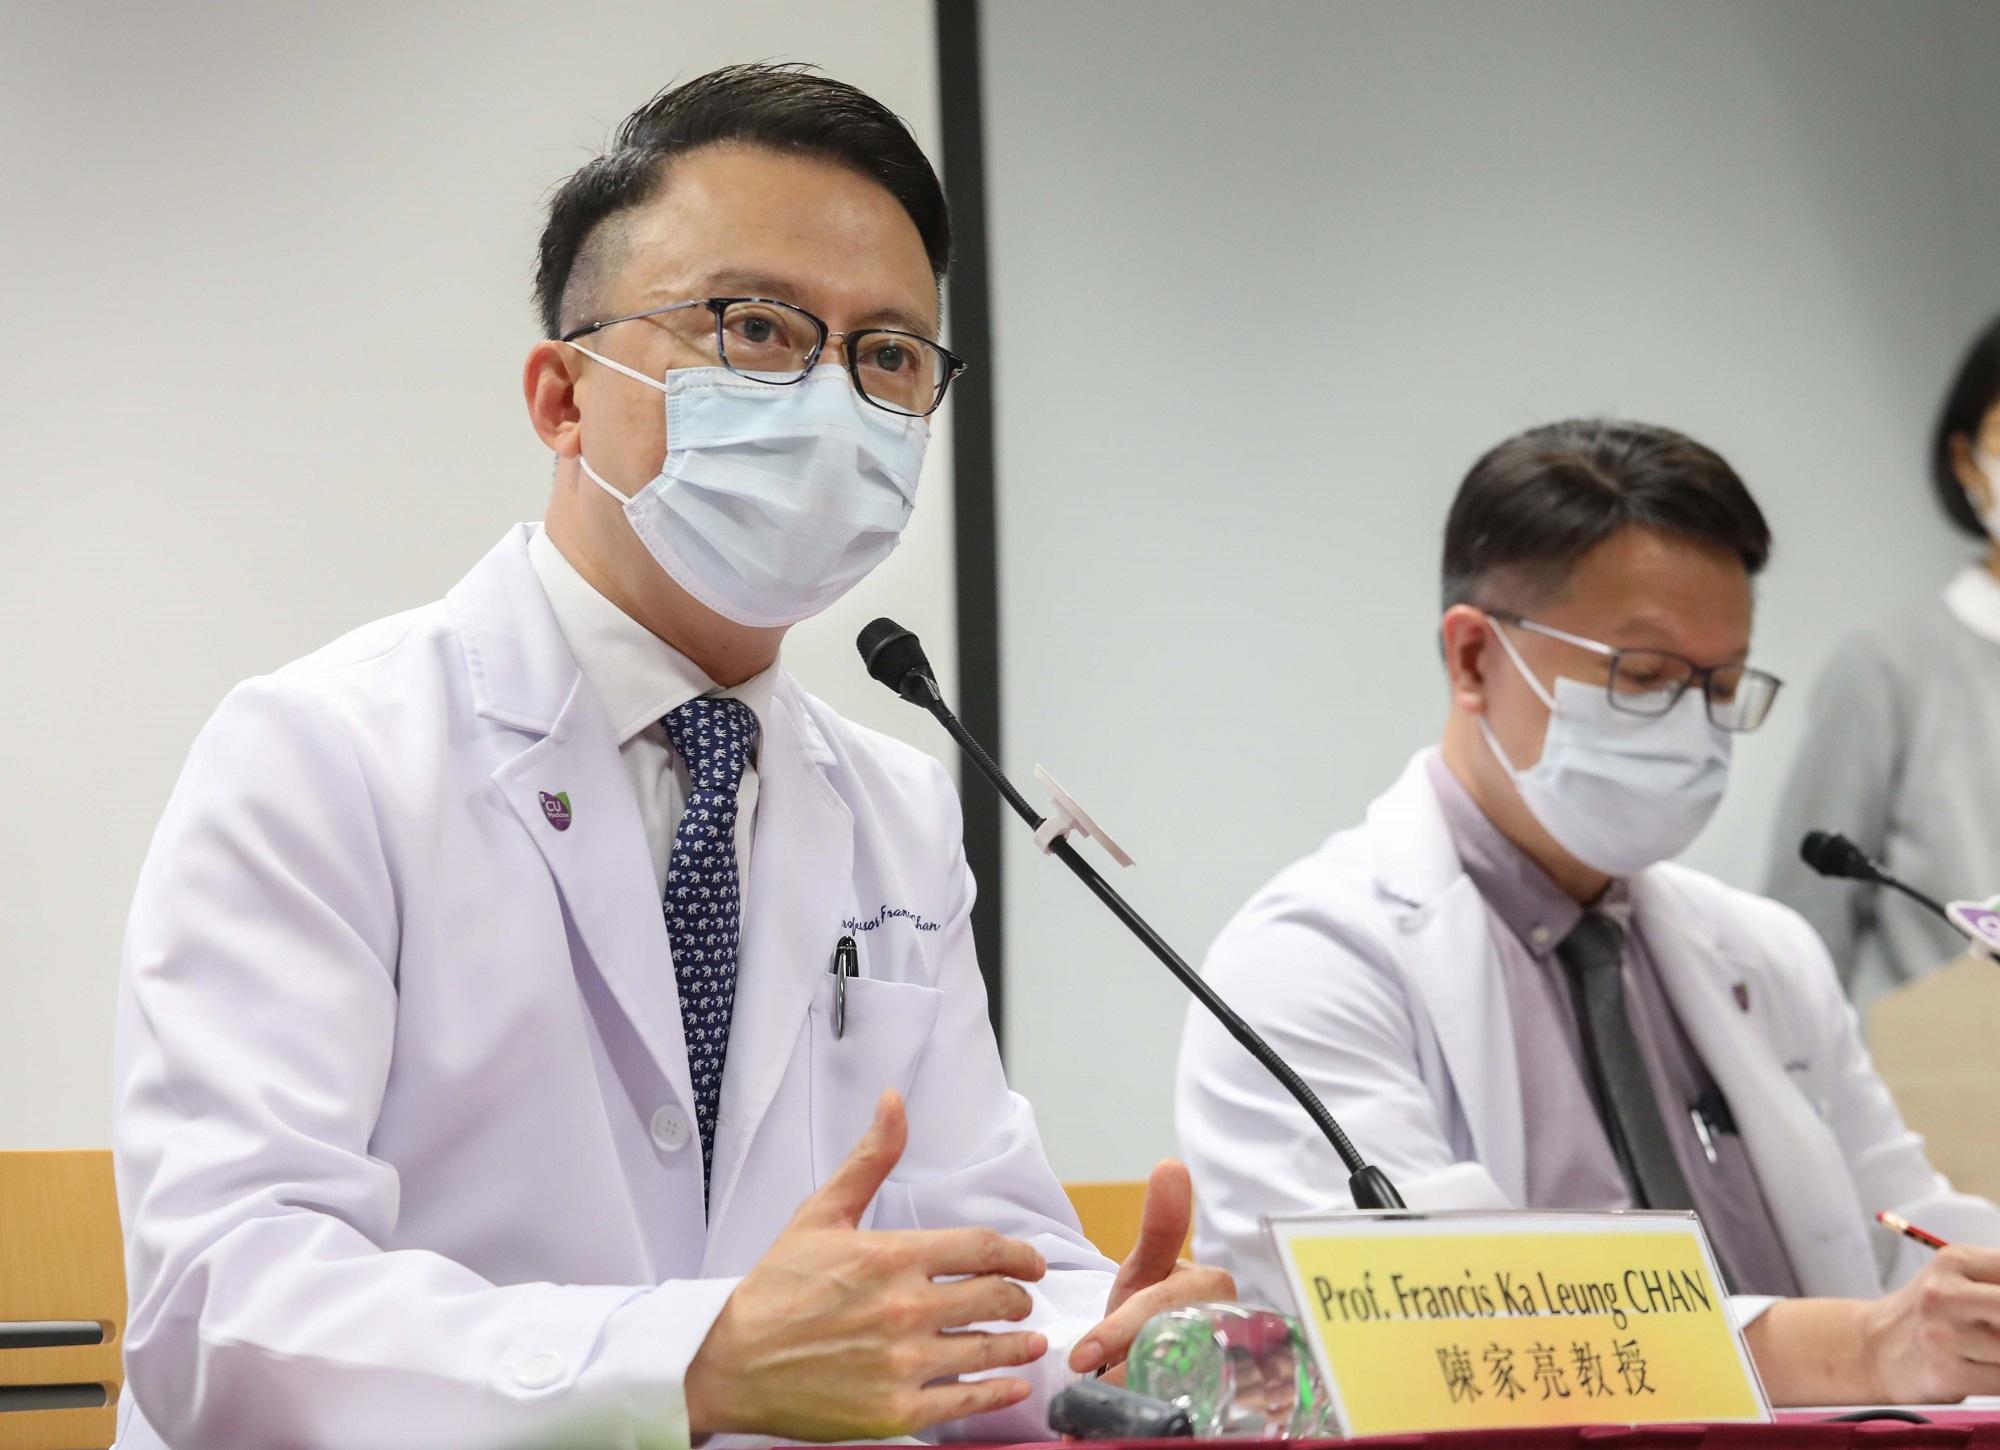 陈家亮教授提醒公众,粪便中的新型冠状病毒可能对他人造成健康危害,护理人员和负责处理食品的人士应特别注重其手部卫生。